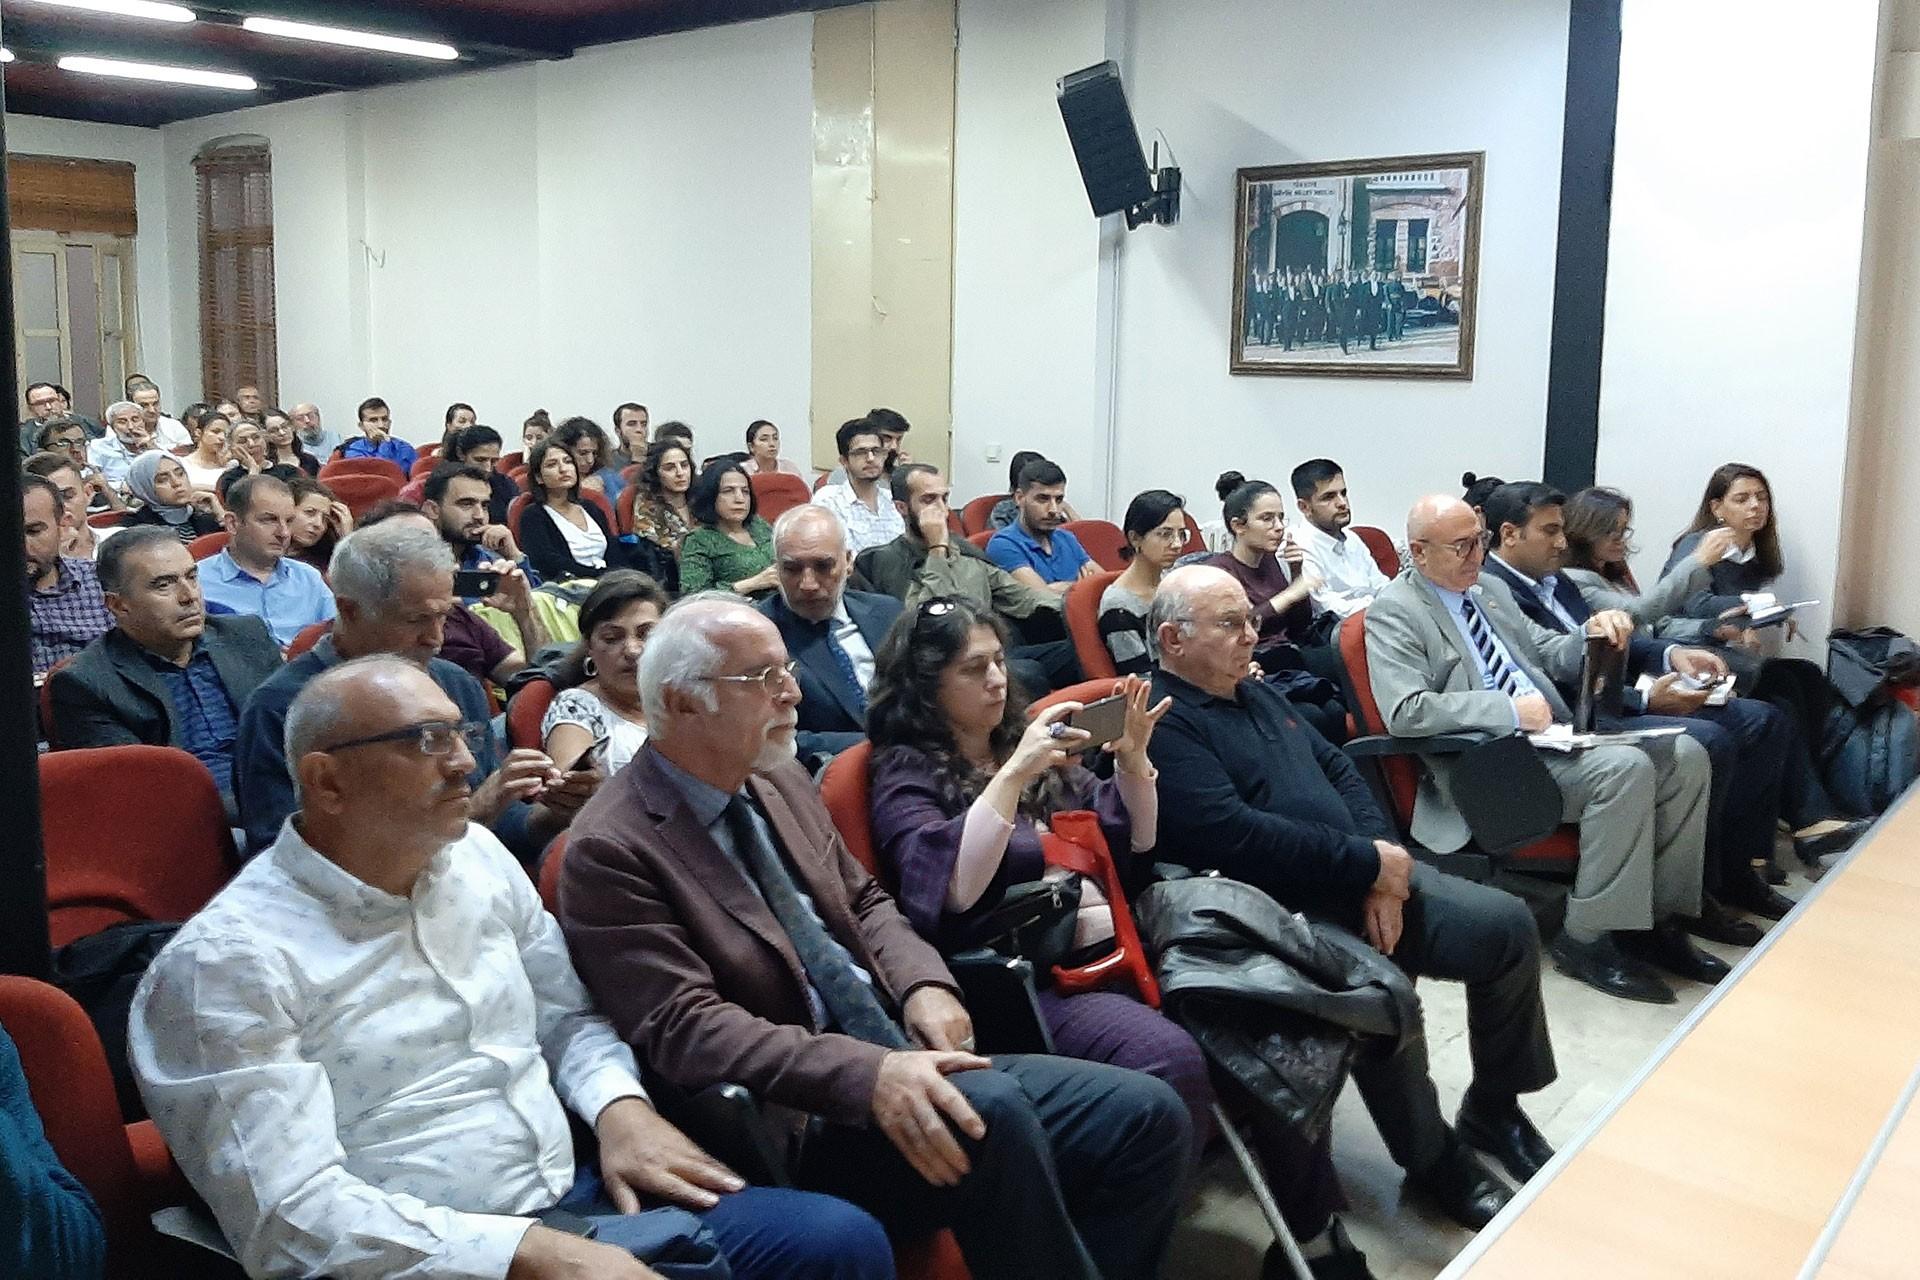 Hukukçulardan 10 Ekim paneli: Devlet sorumluluğunu kabul etmiyor